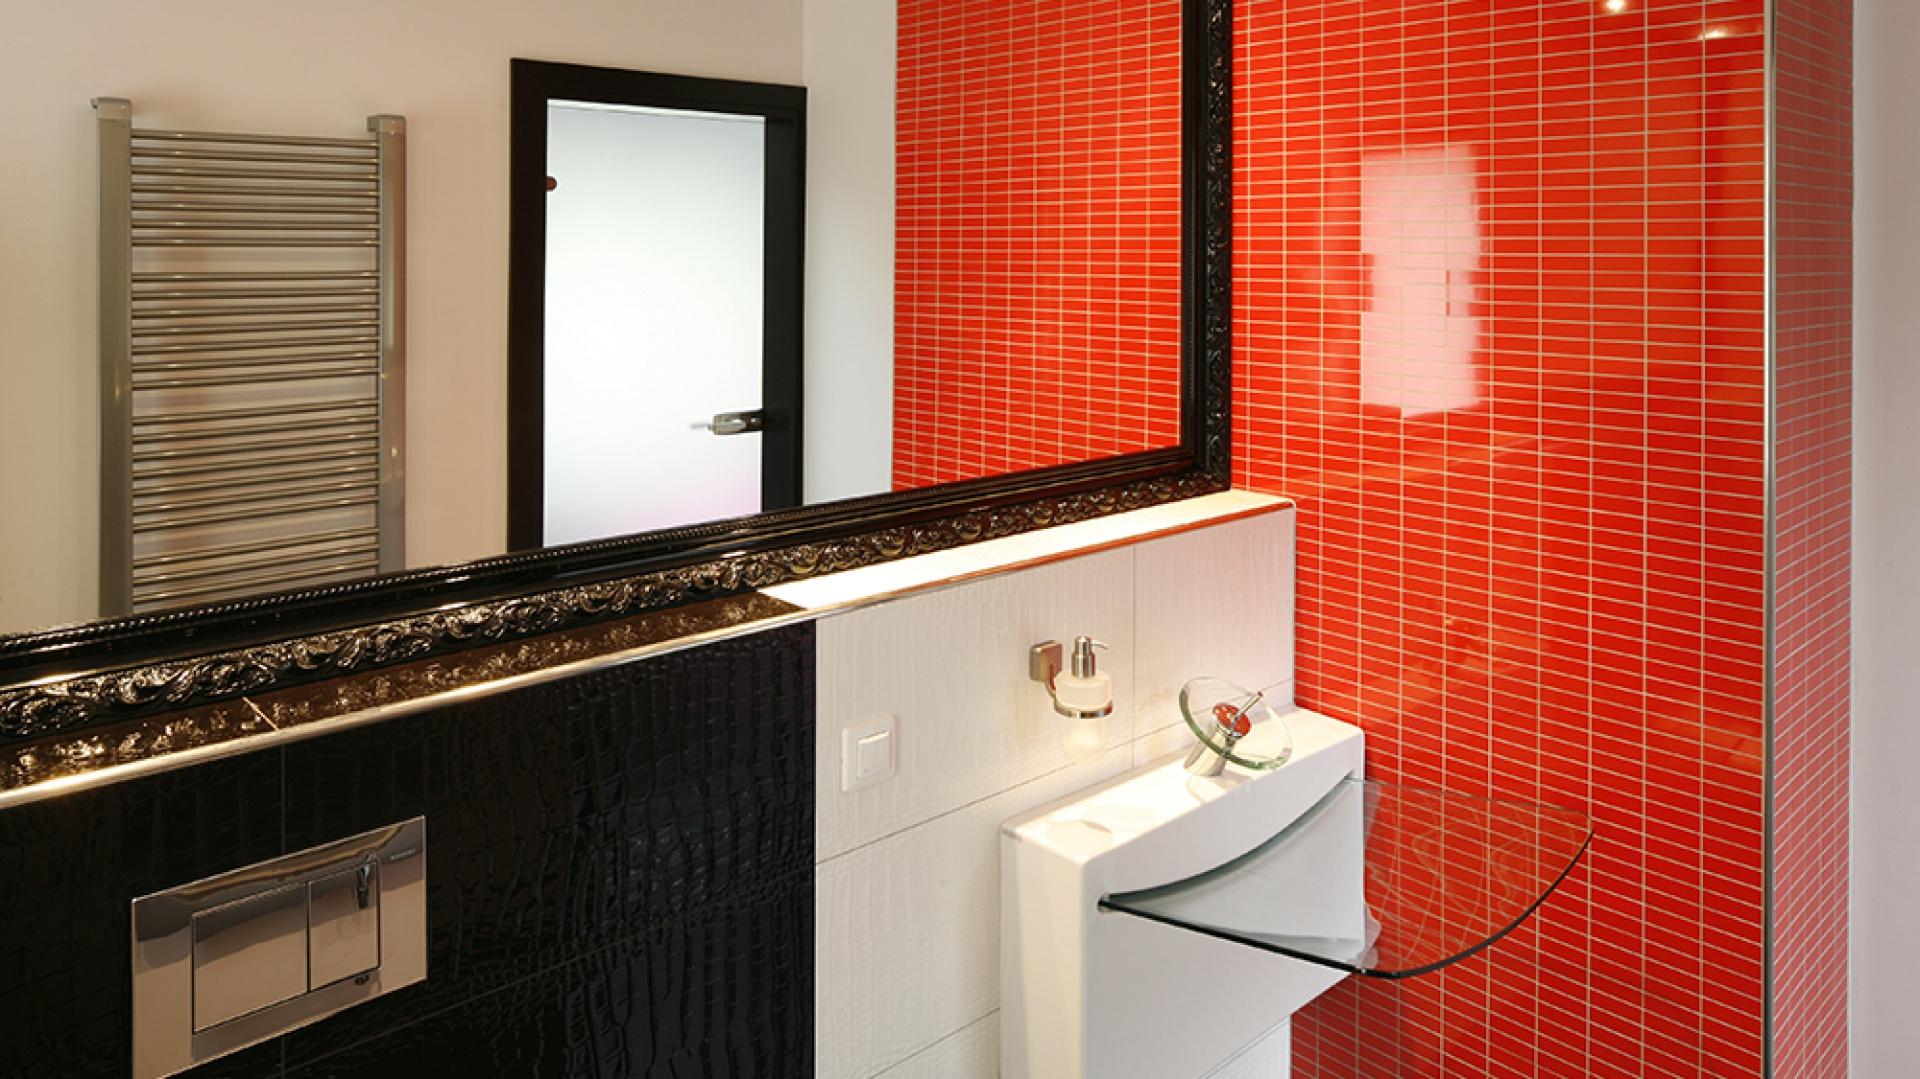 """Umywalka """"Crystal Wall"""", podobnie jak sedes (włoskiej marki Art Ceram), to nie tylko  podstawowe wyposażenie łazienki, ale też nietypowa dekoracja. Sedes dodatkowo skrywa po obu stronach praktyczny schowek na niezbędne akcesoria. Fot. Bartosz Jarosz."""